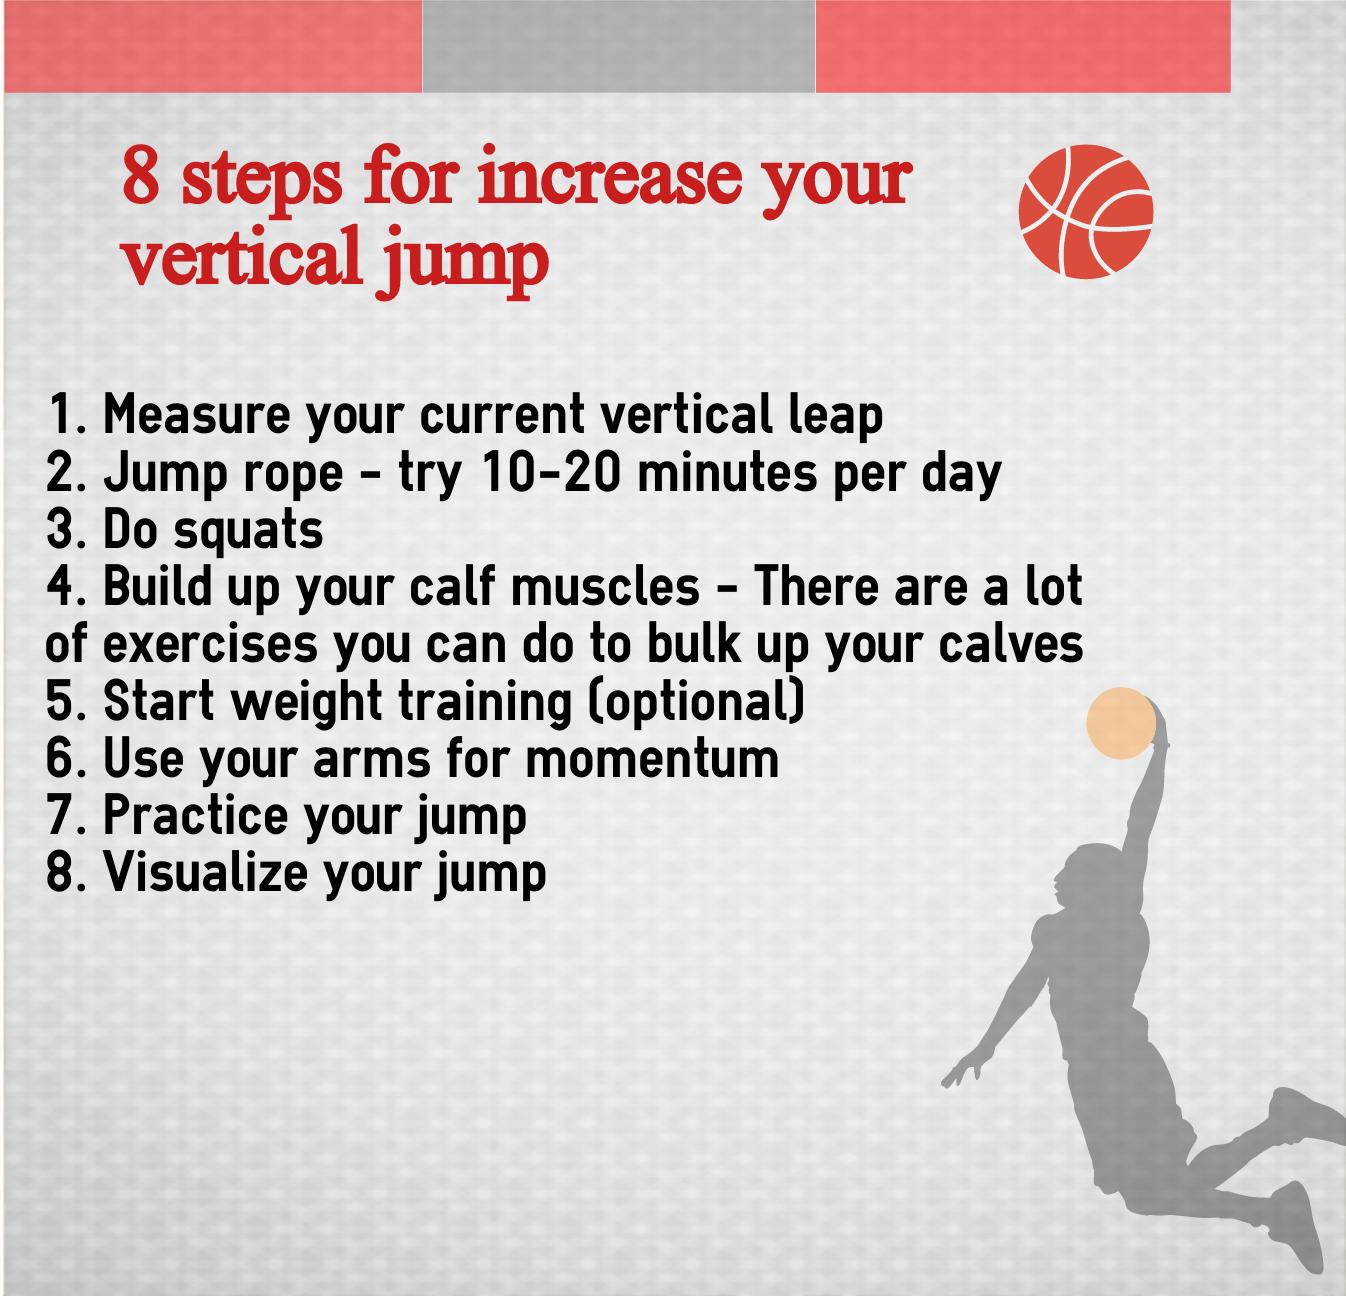 Best Vertical Jump Training 8 weeks in basketball